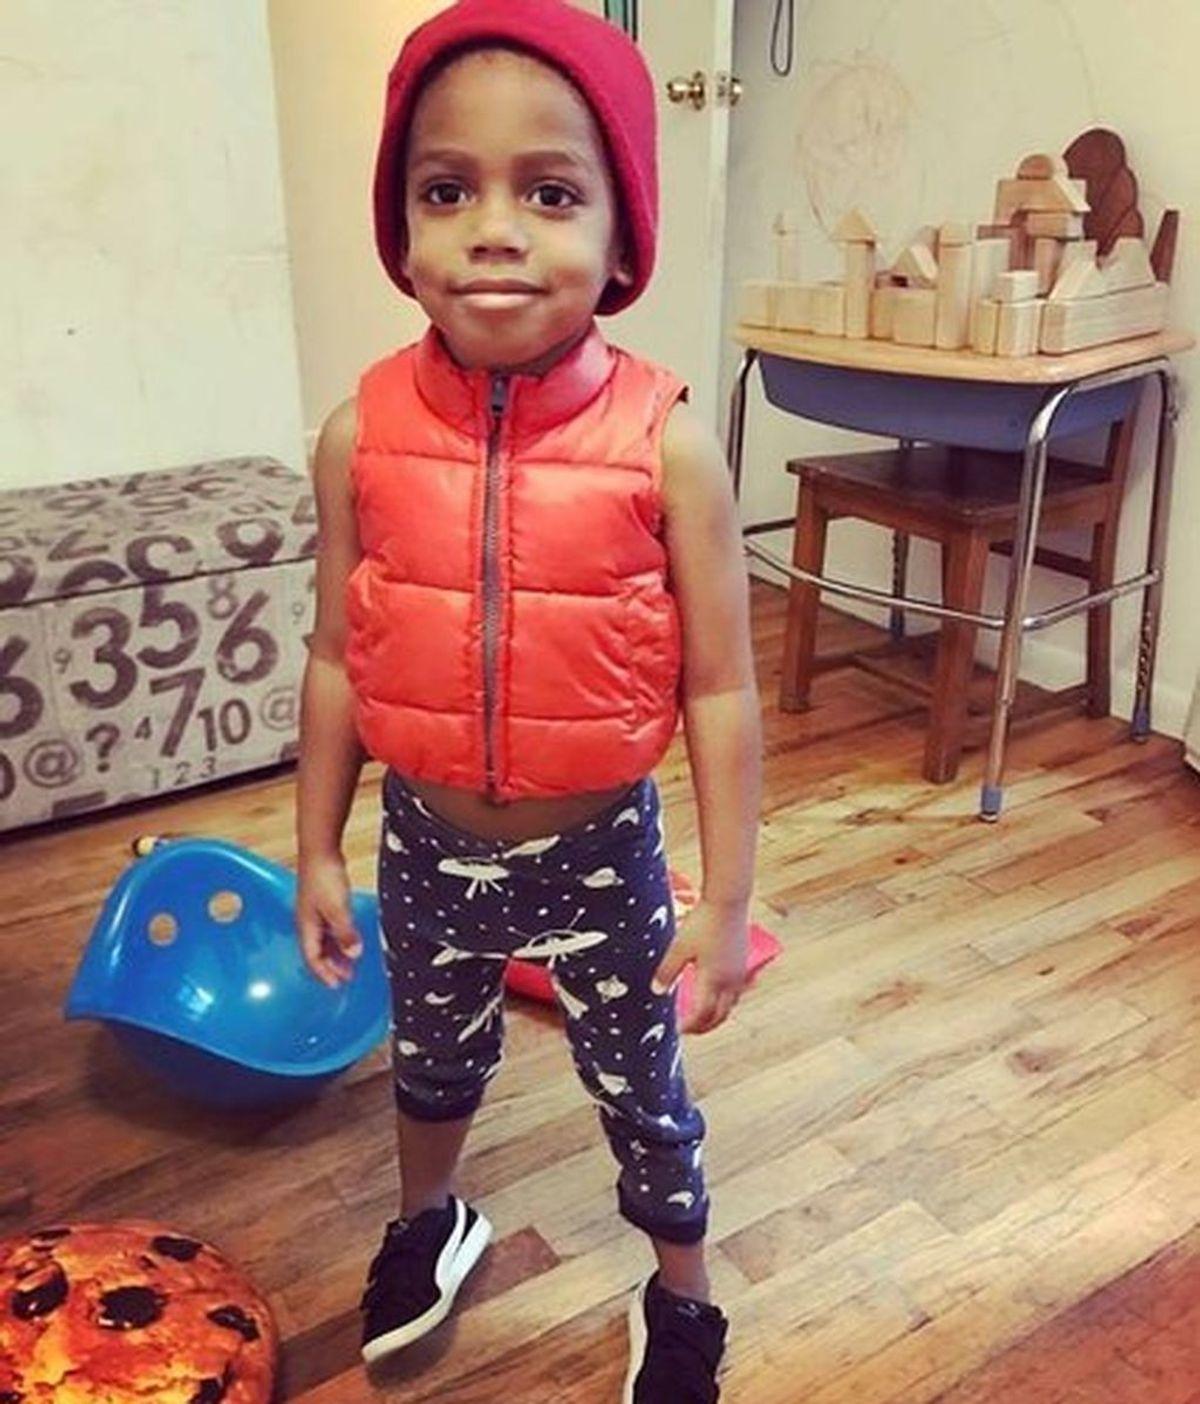 Un niño de tres años muere en la escuela tras una reacción alérgica al queso